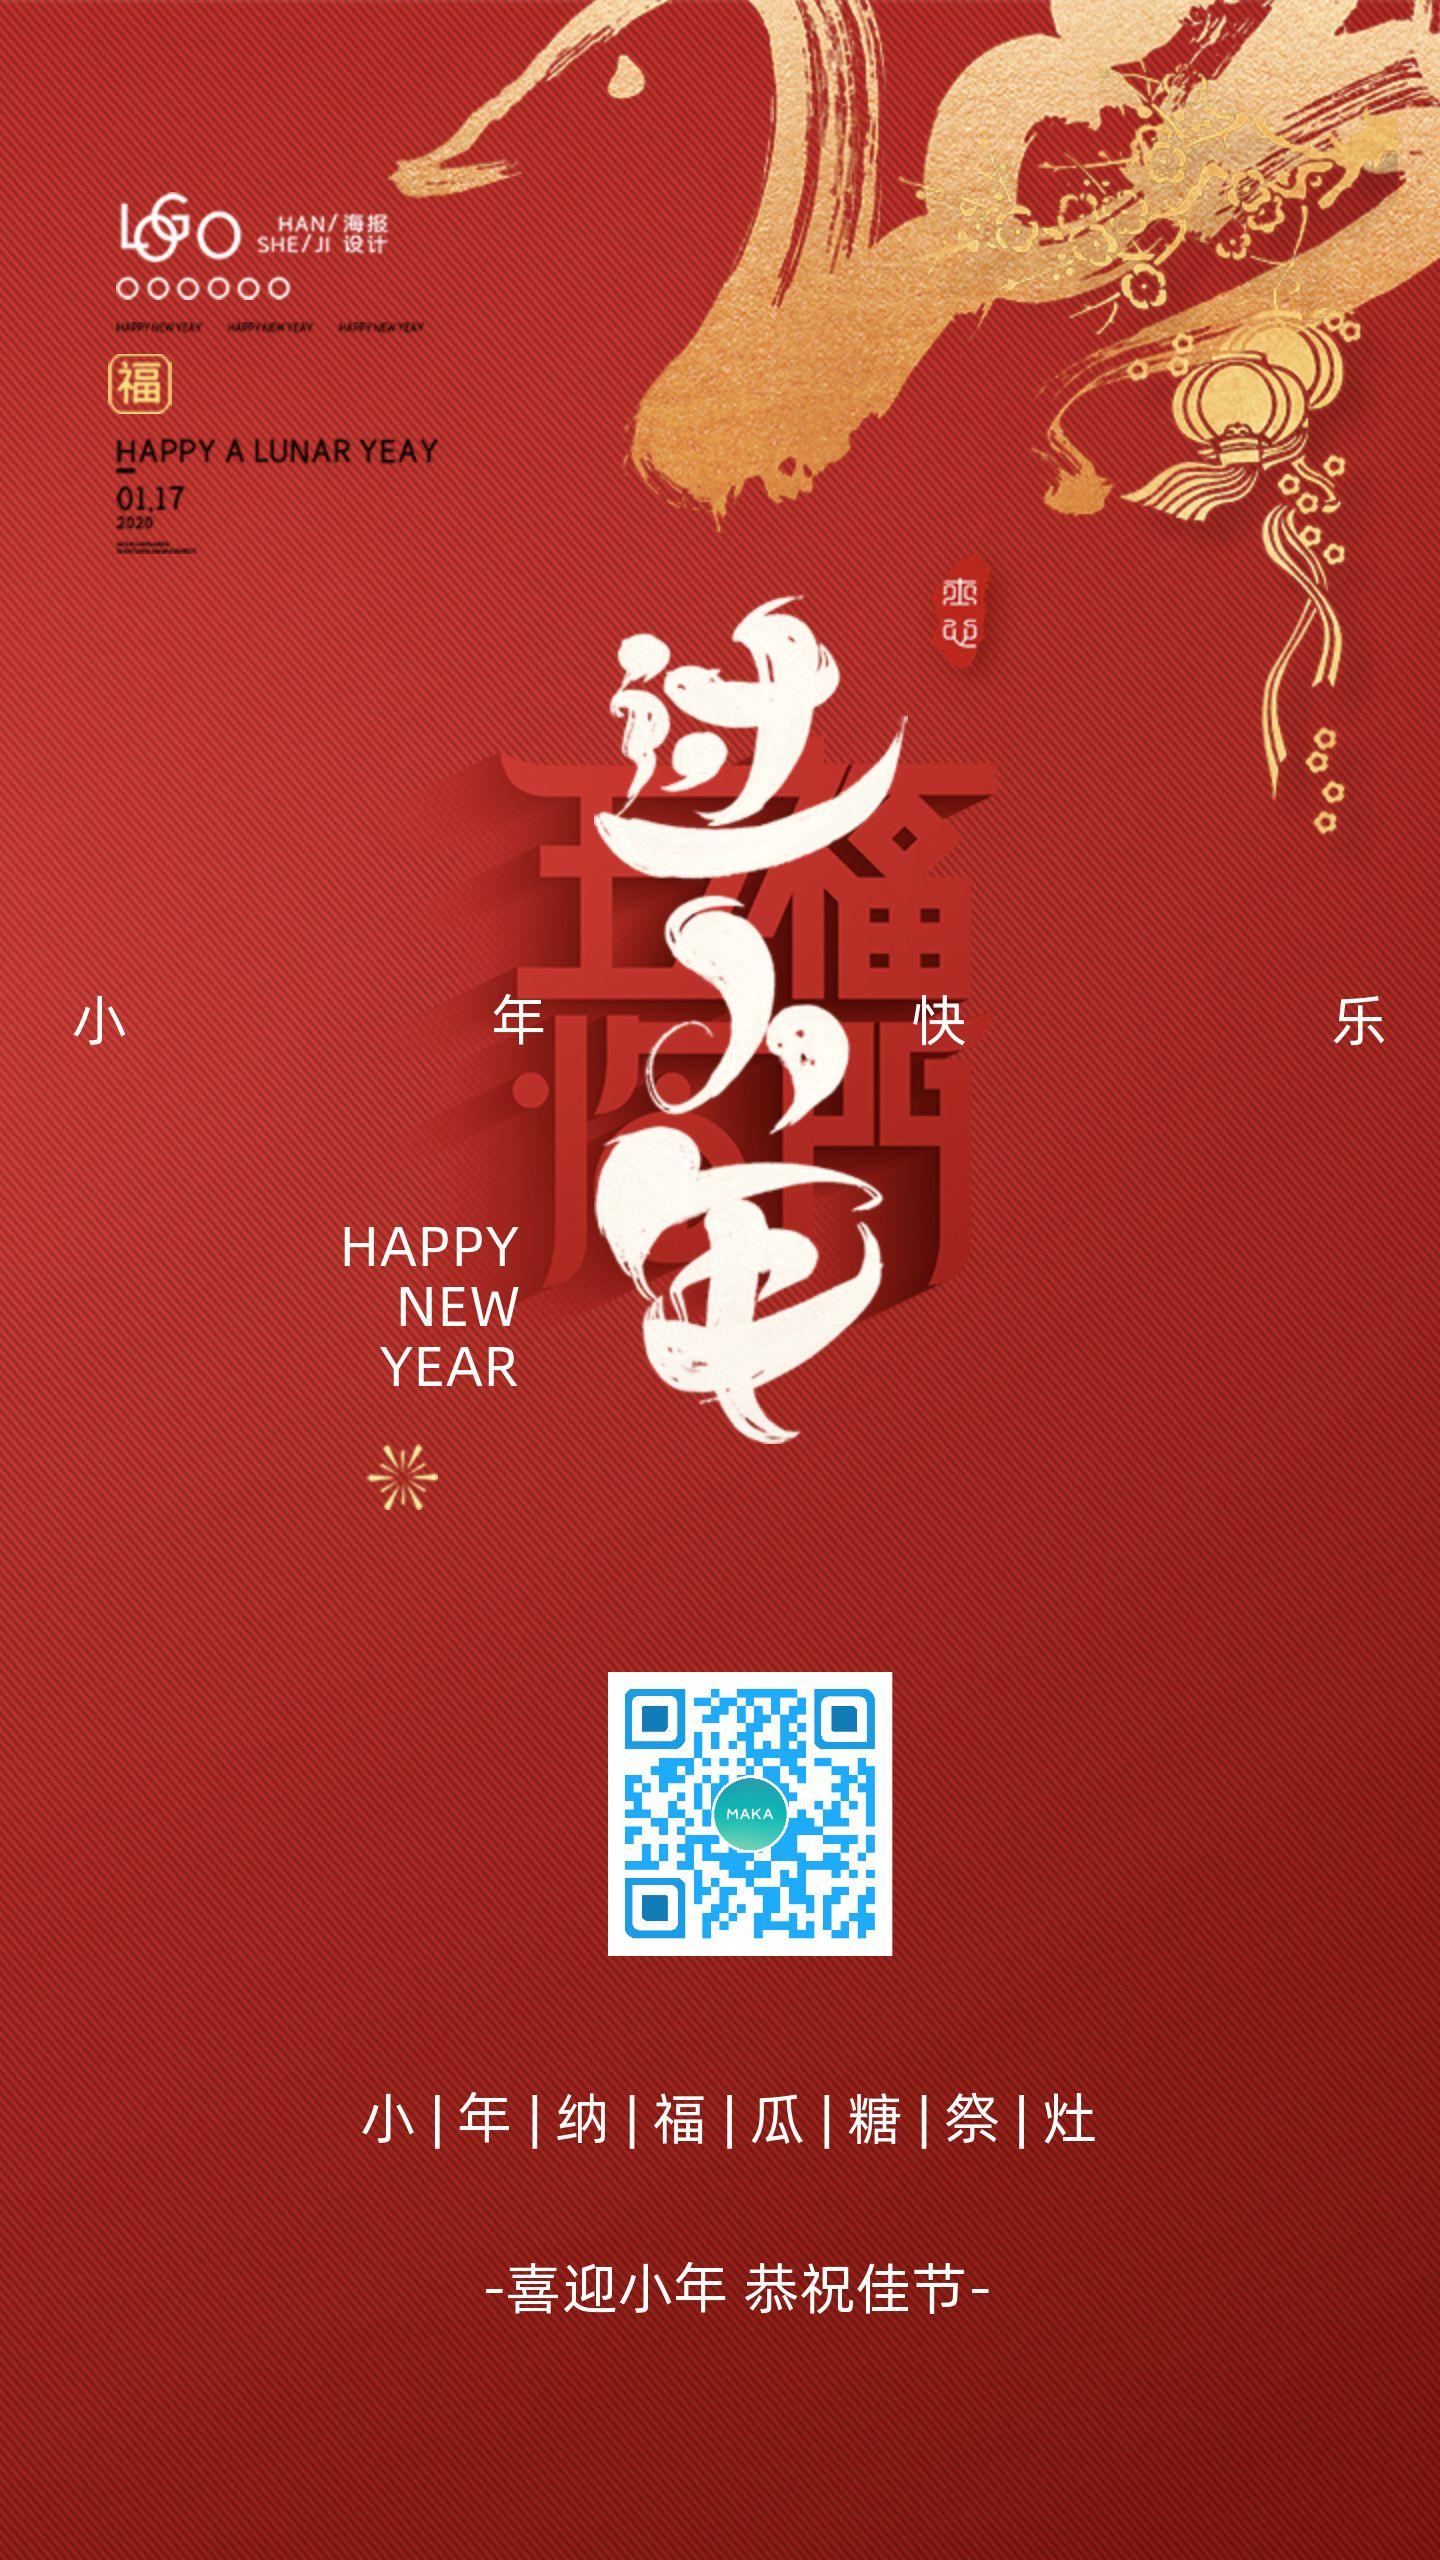 小年新年快乐2020年红色时尚绚丽大气贺卡